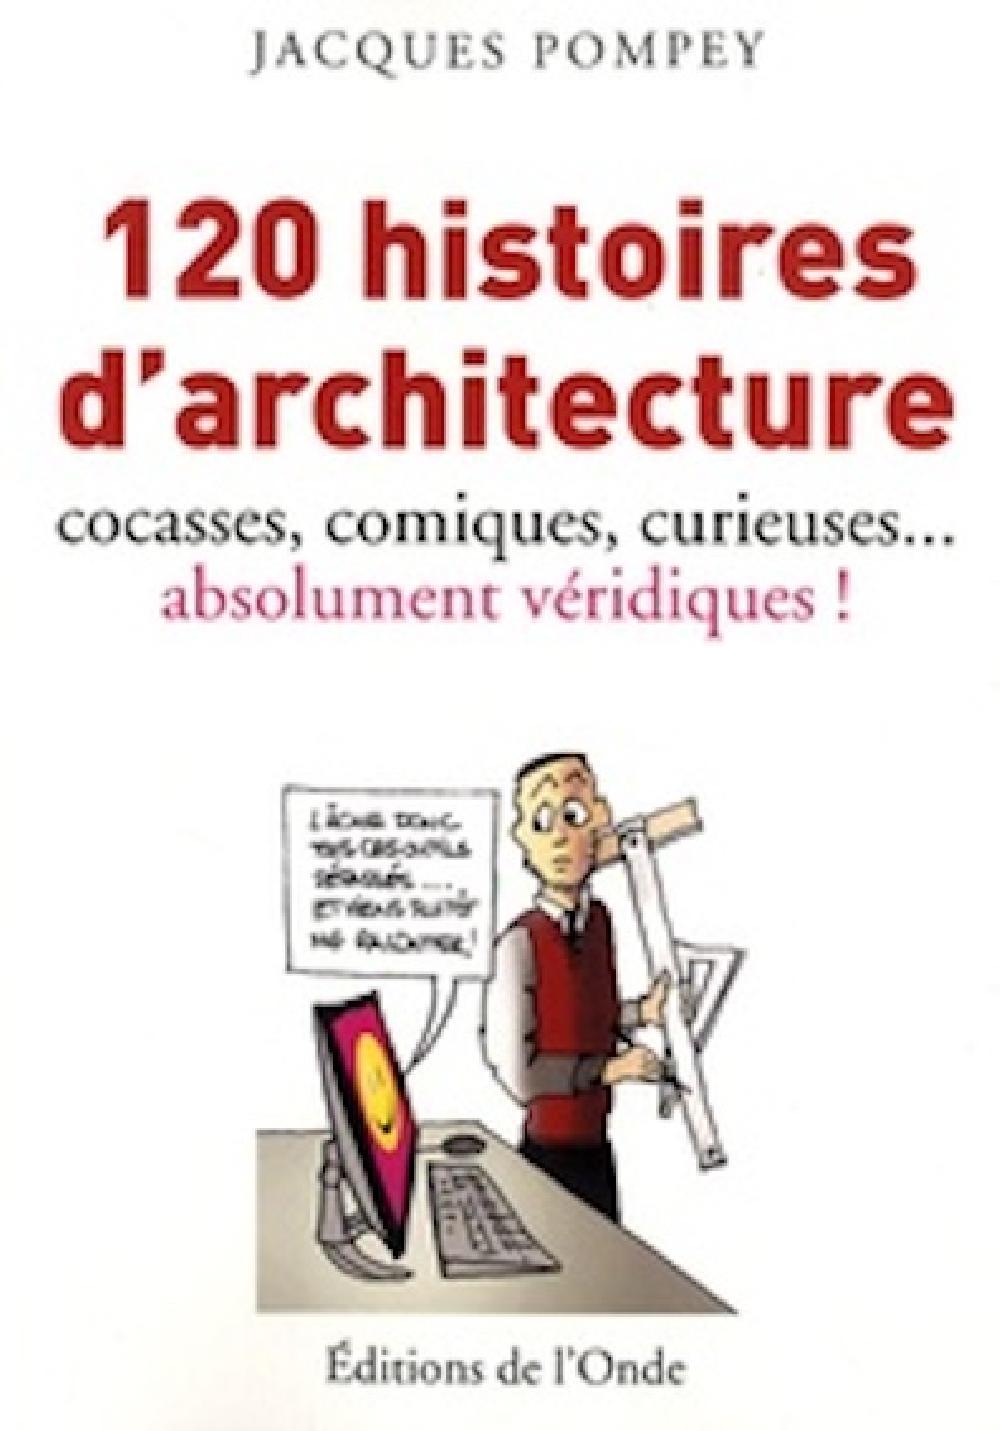 120 histoires d'architecture cocasses, comiques, curieuses... absolument véridiques !